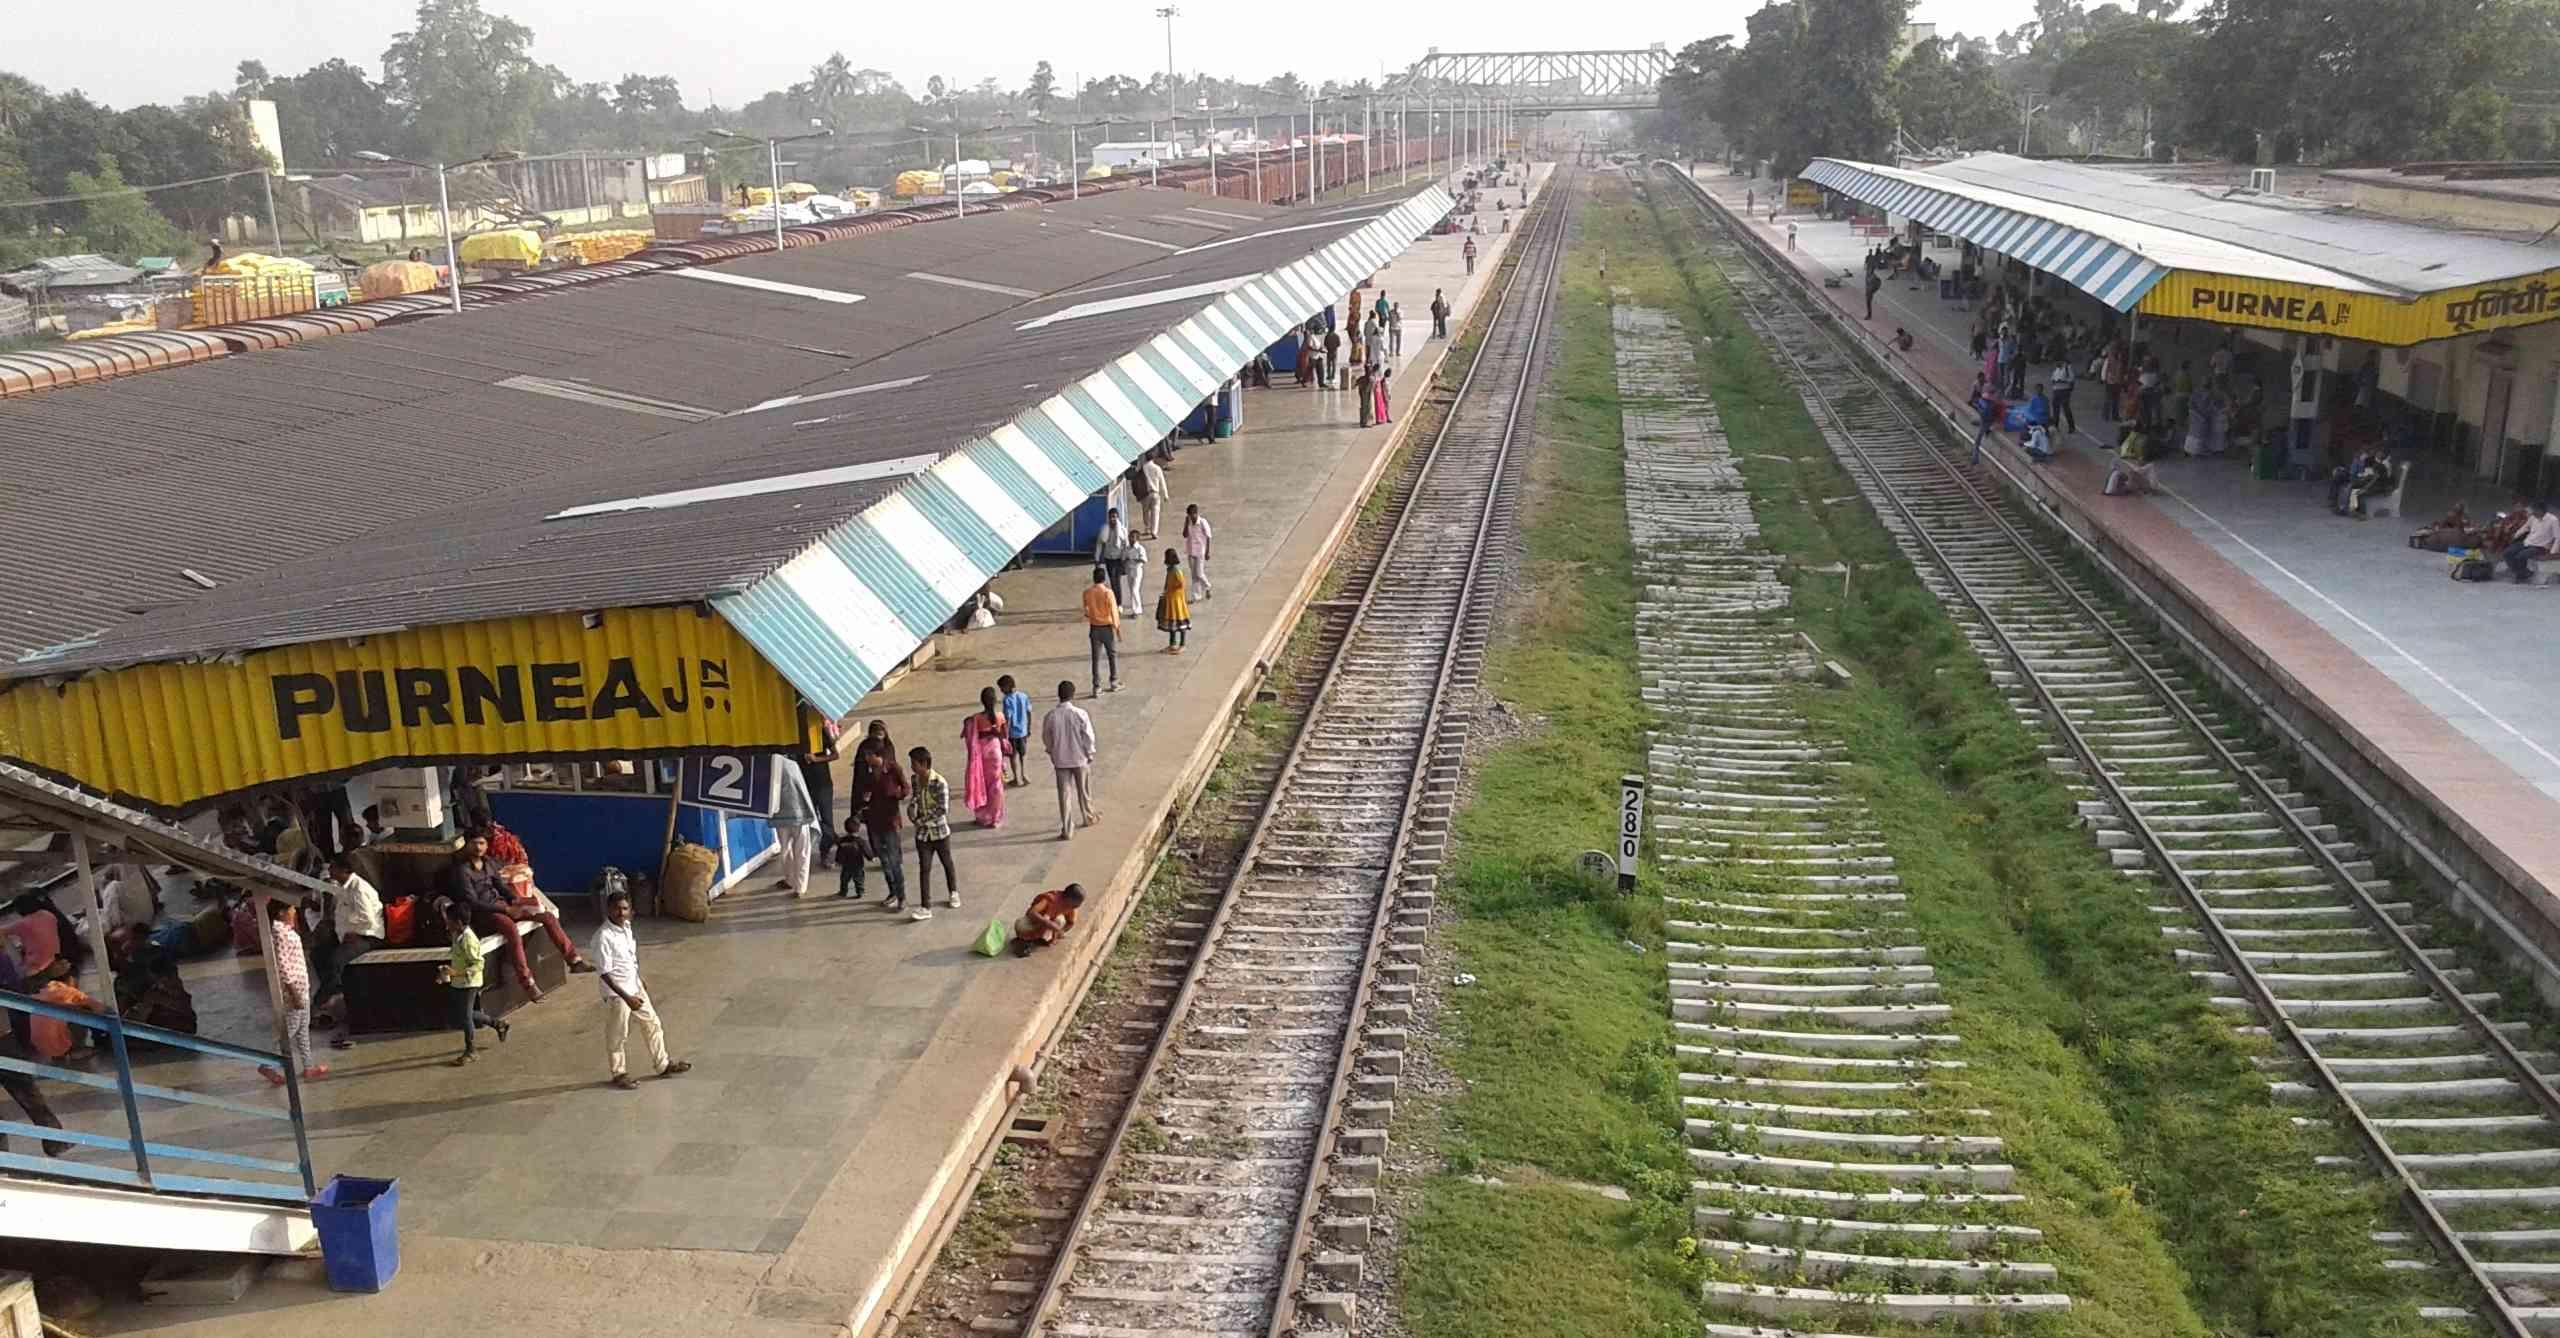 पूर्णिया रेलवे स्टेशन | फोटो : हेमंत कुमार पाण्डेय